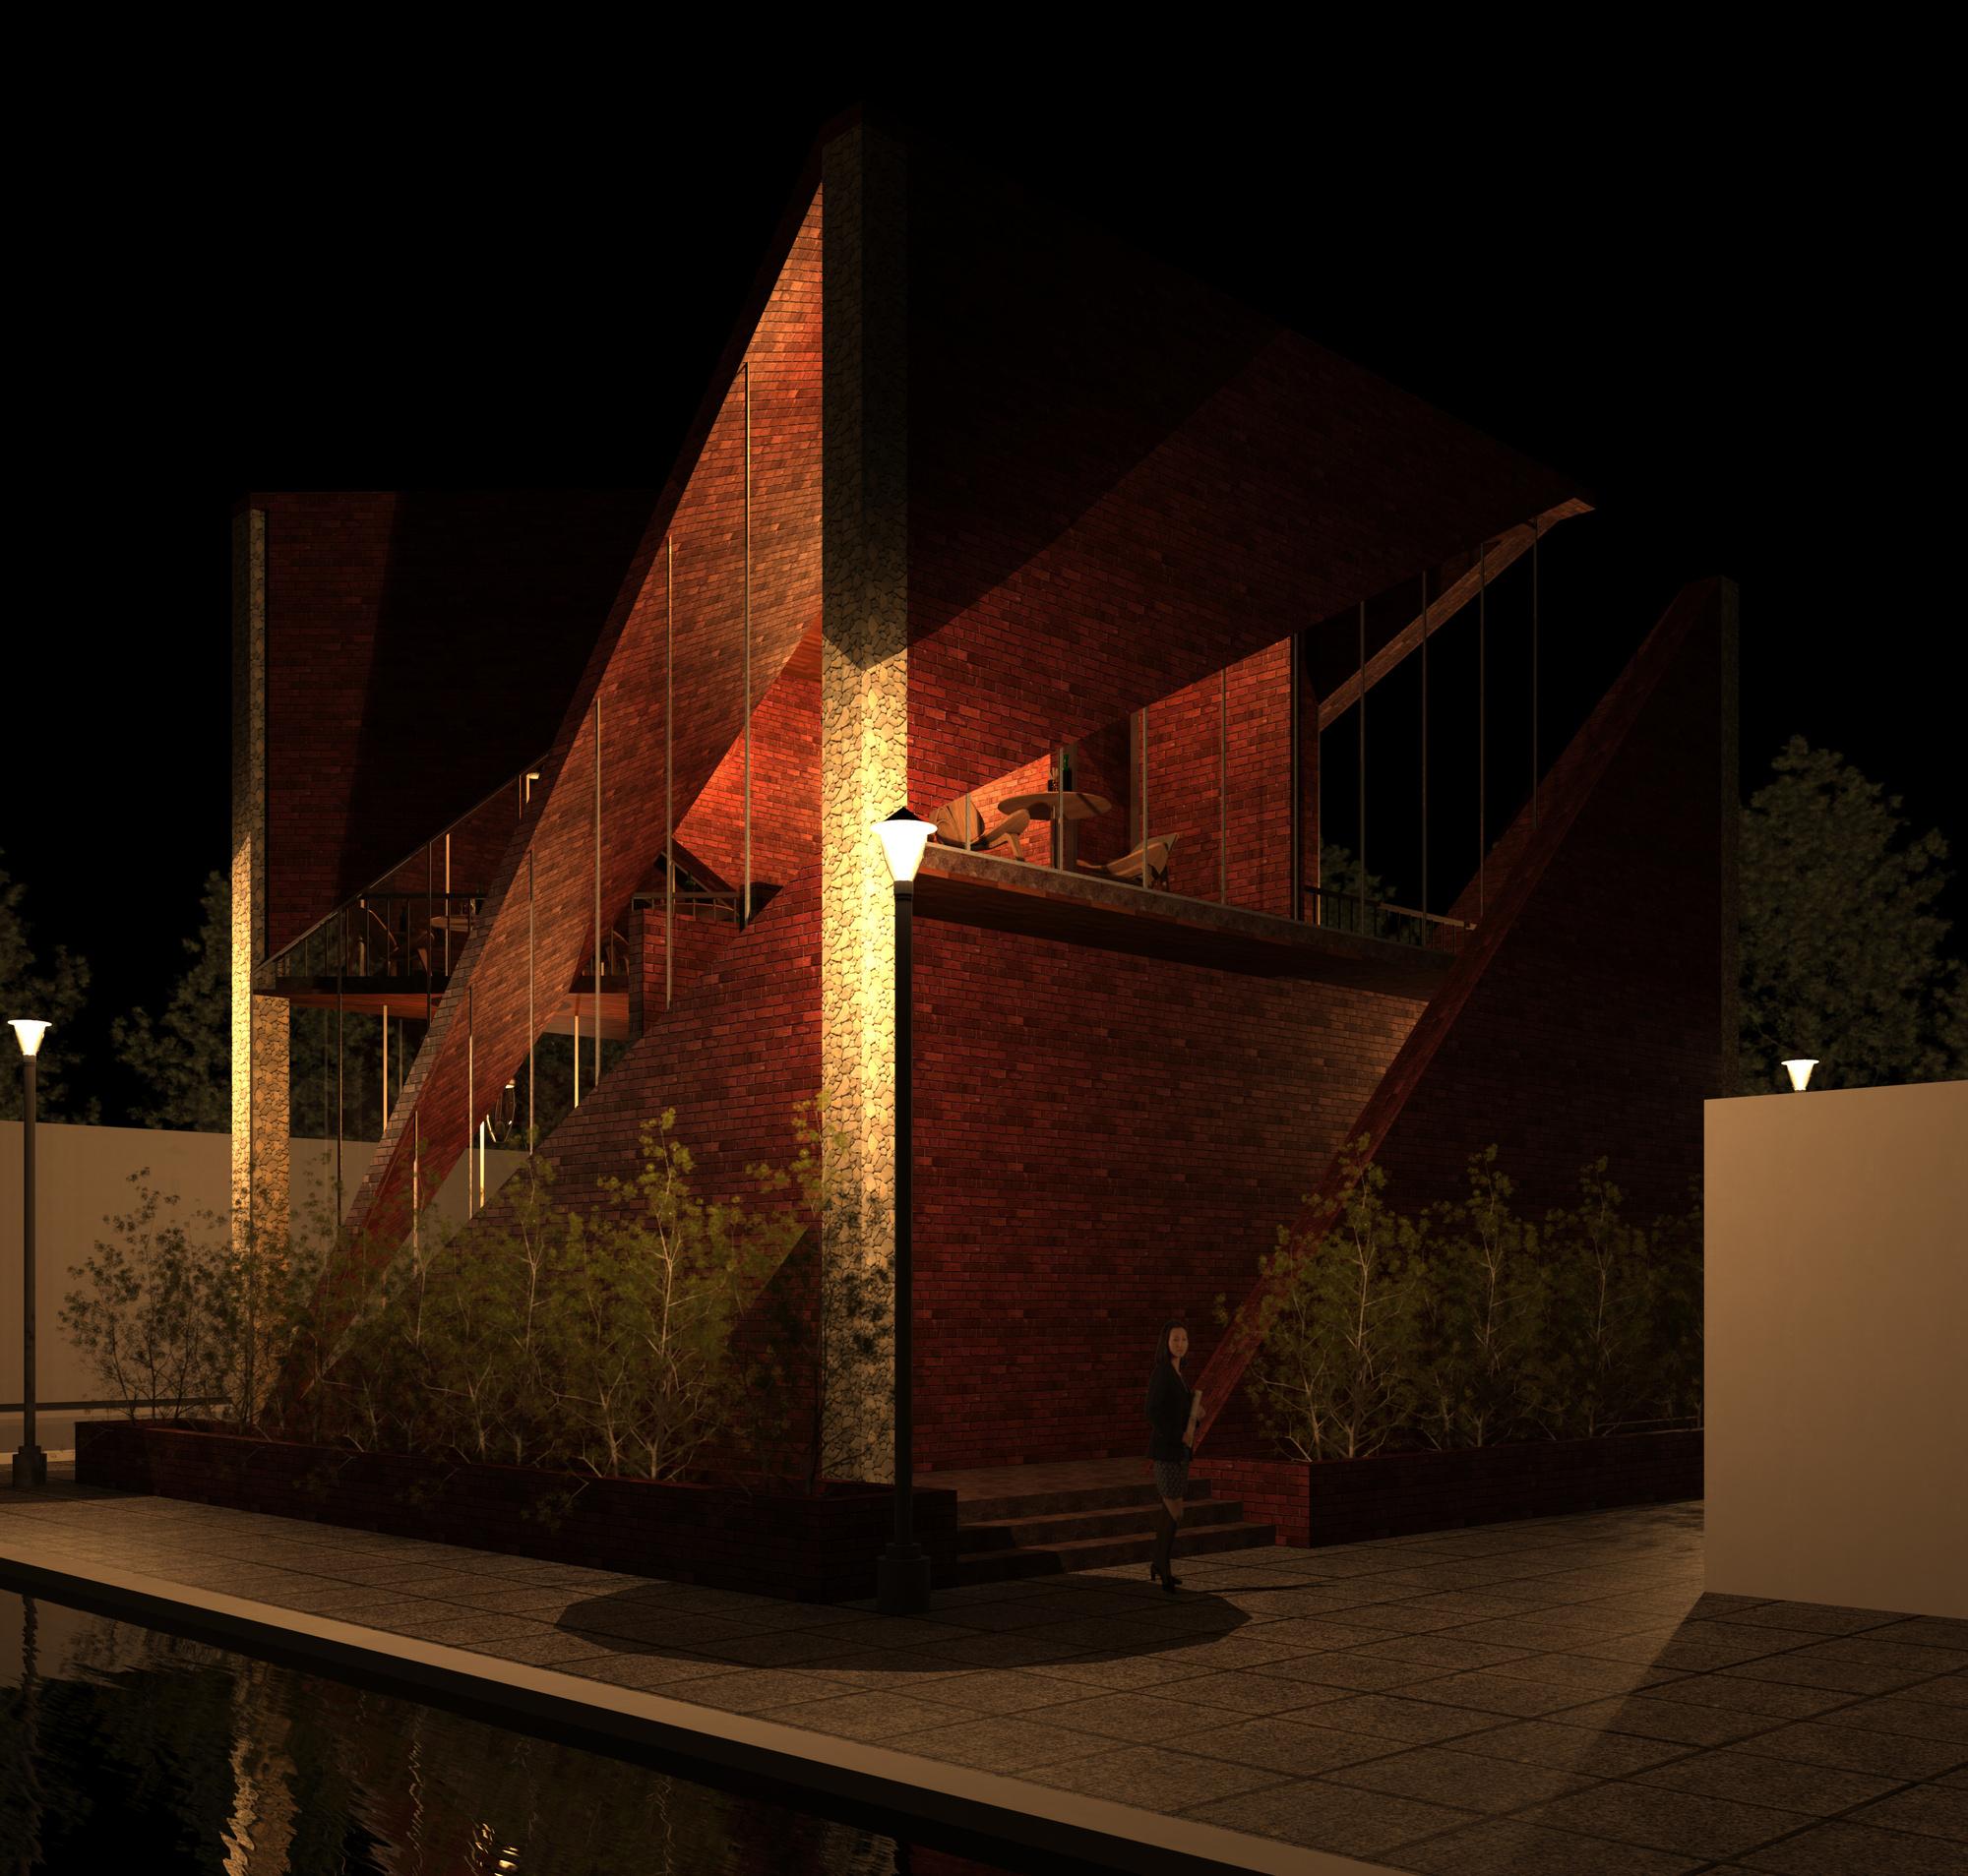 Raas-rendering20150213-4210-16lh1ct